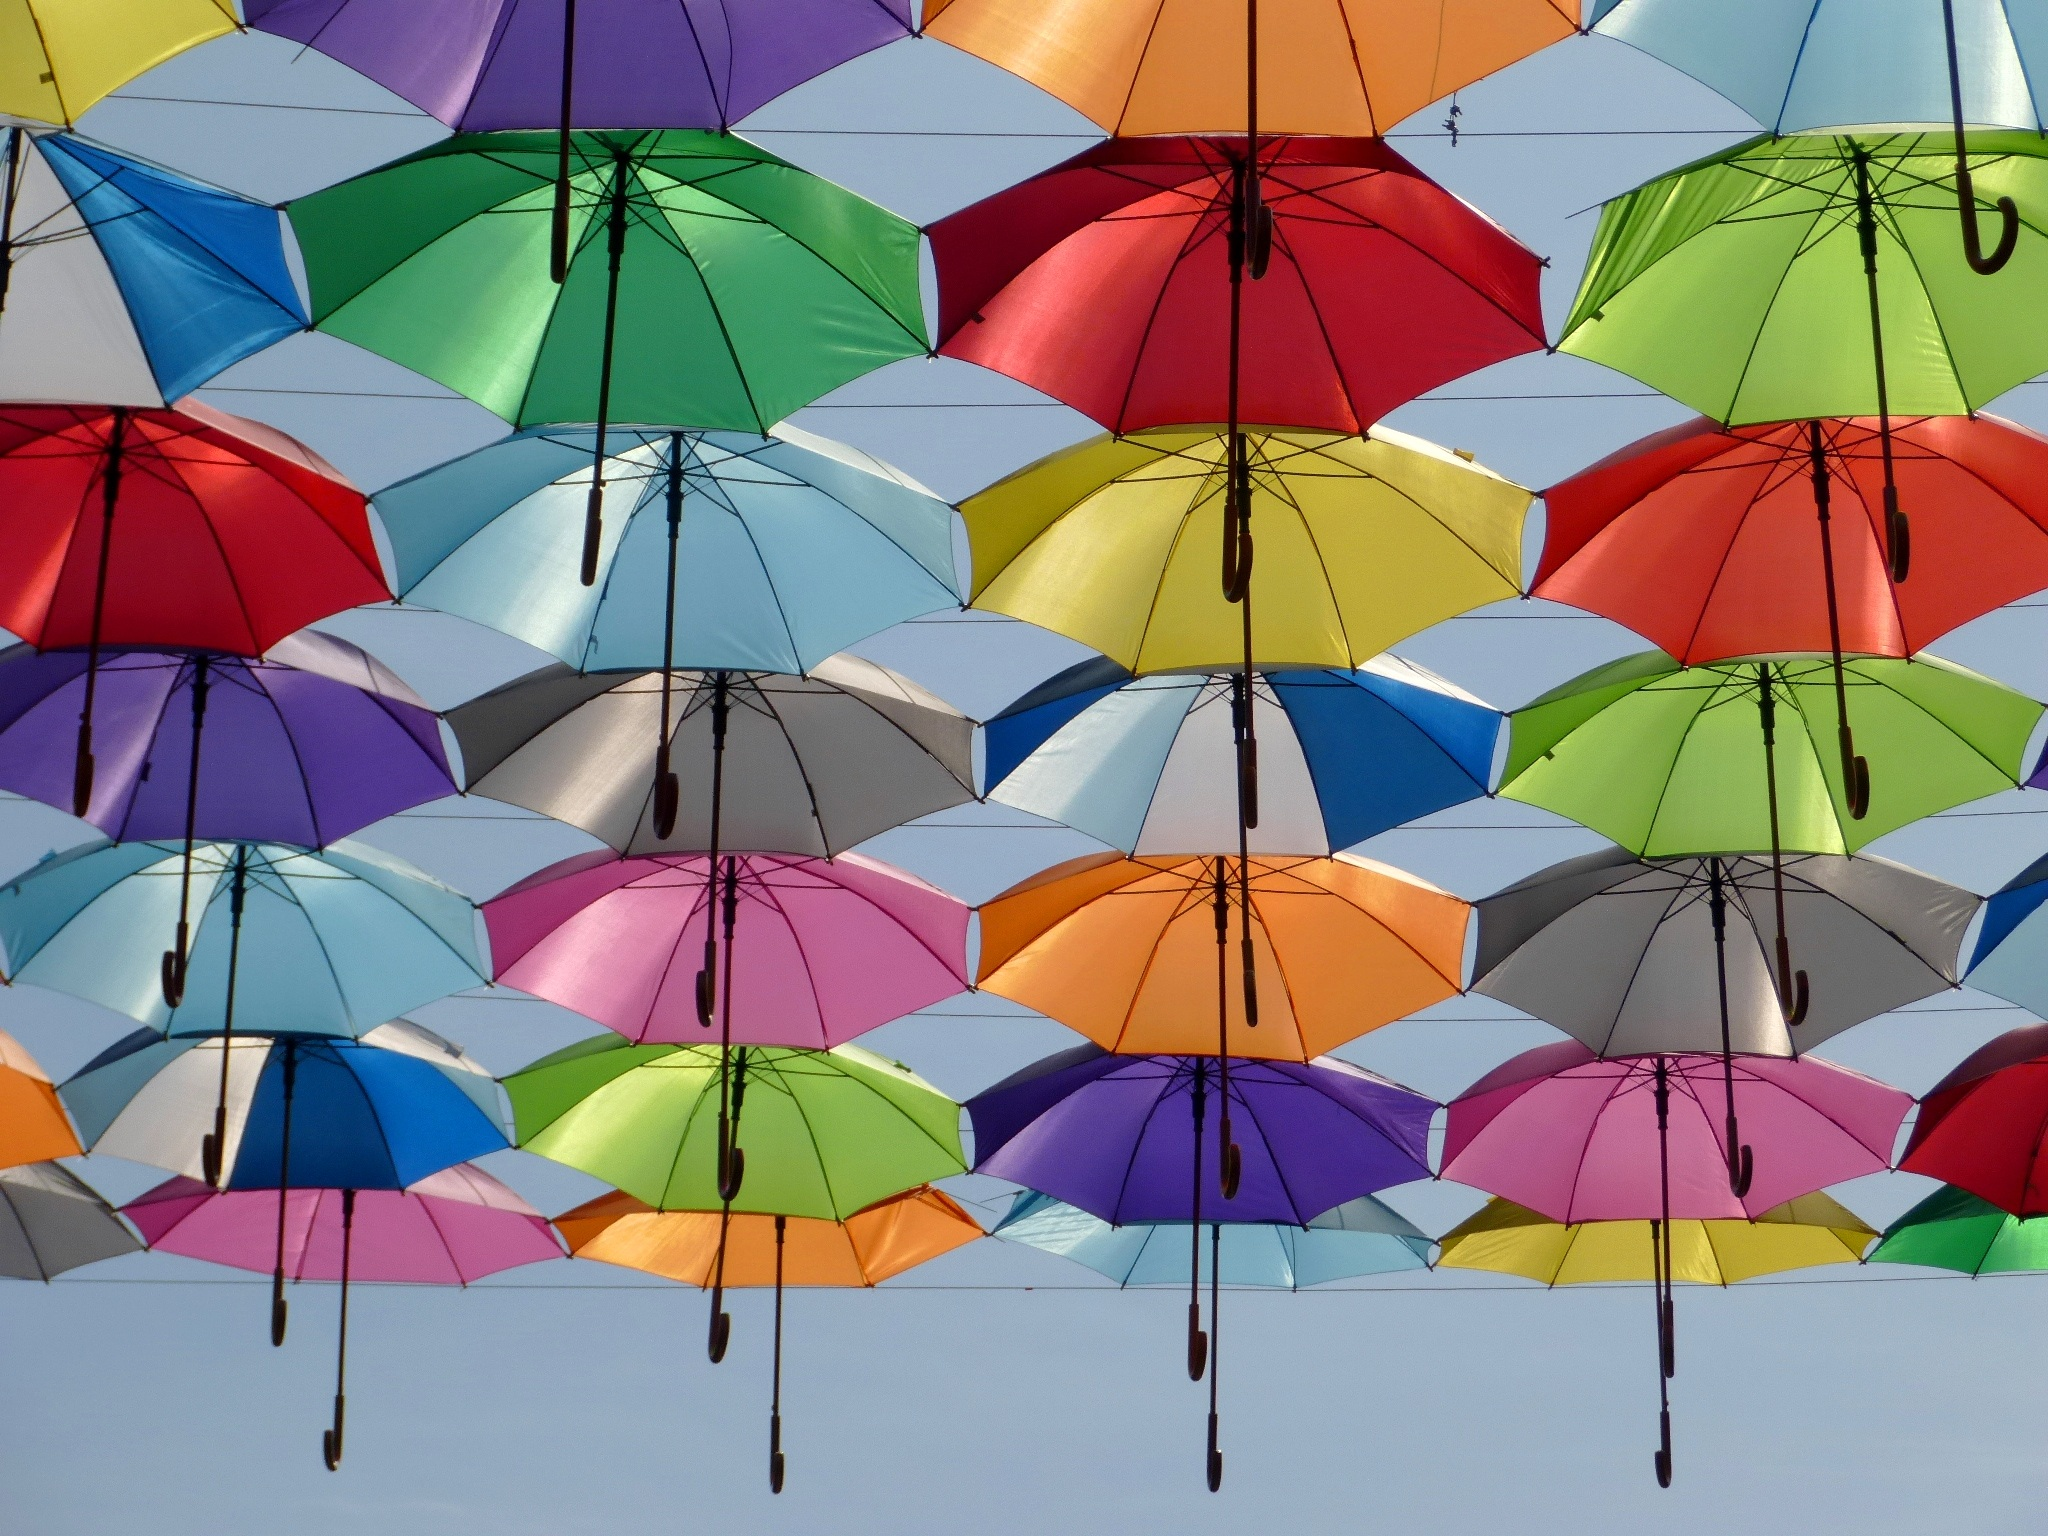 umbrella-1521492